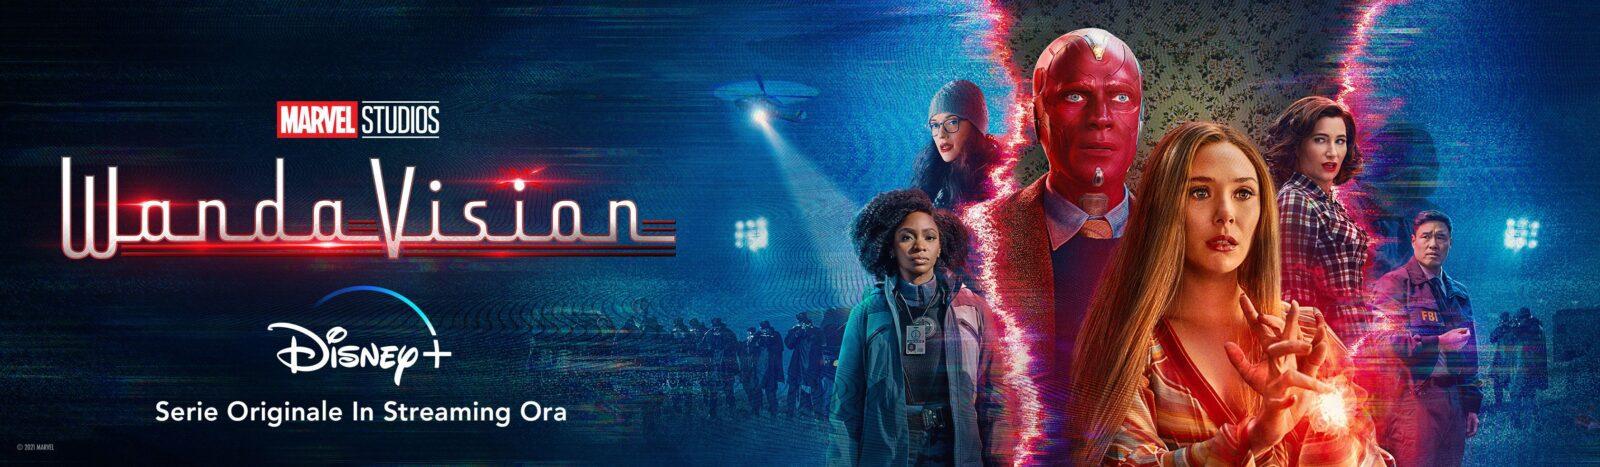 WandaVision: il trailer del quinto episodio e due poster